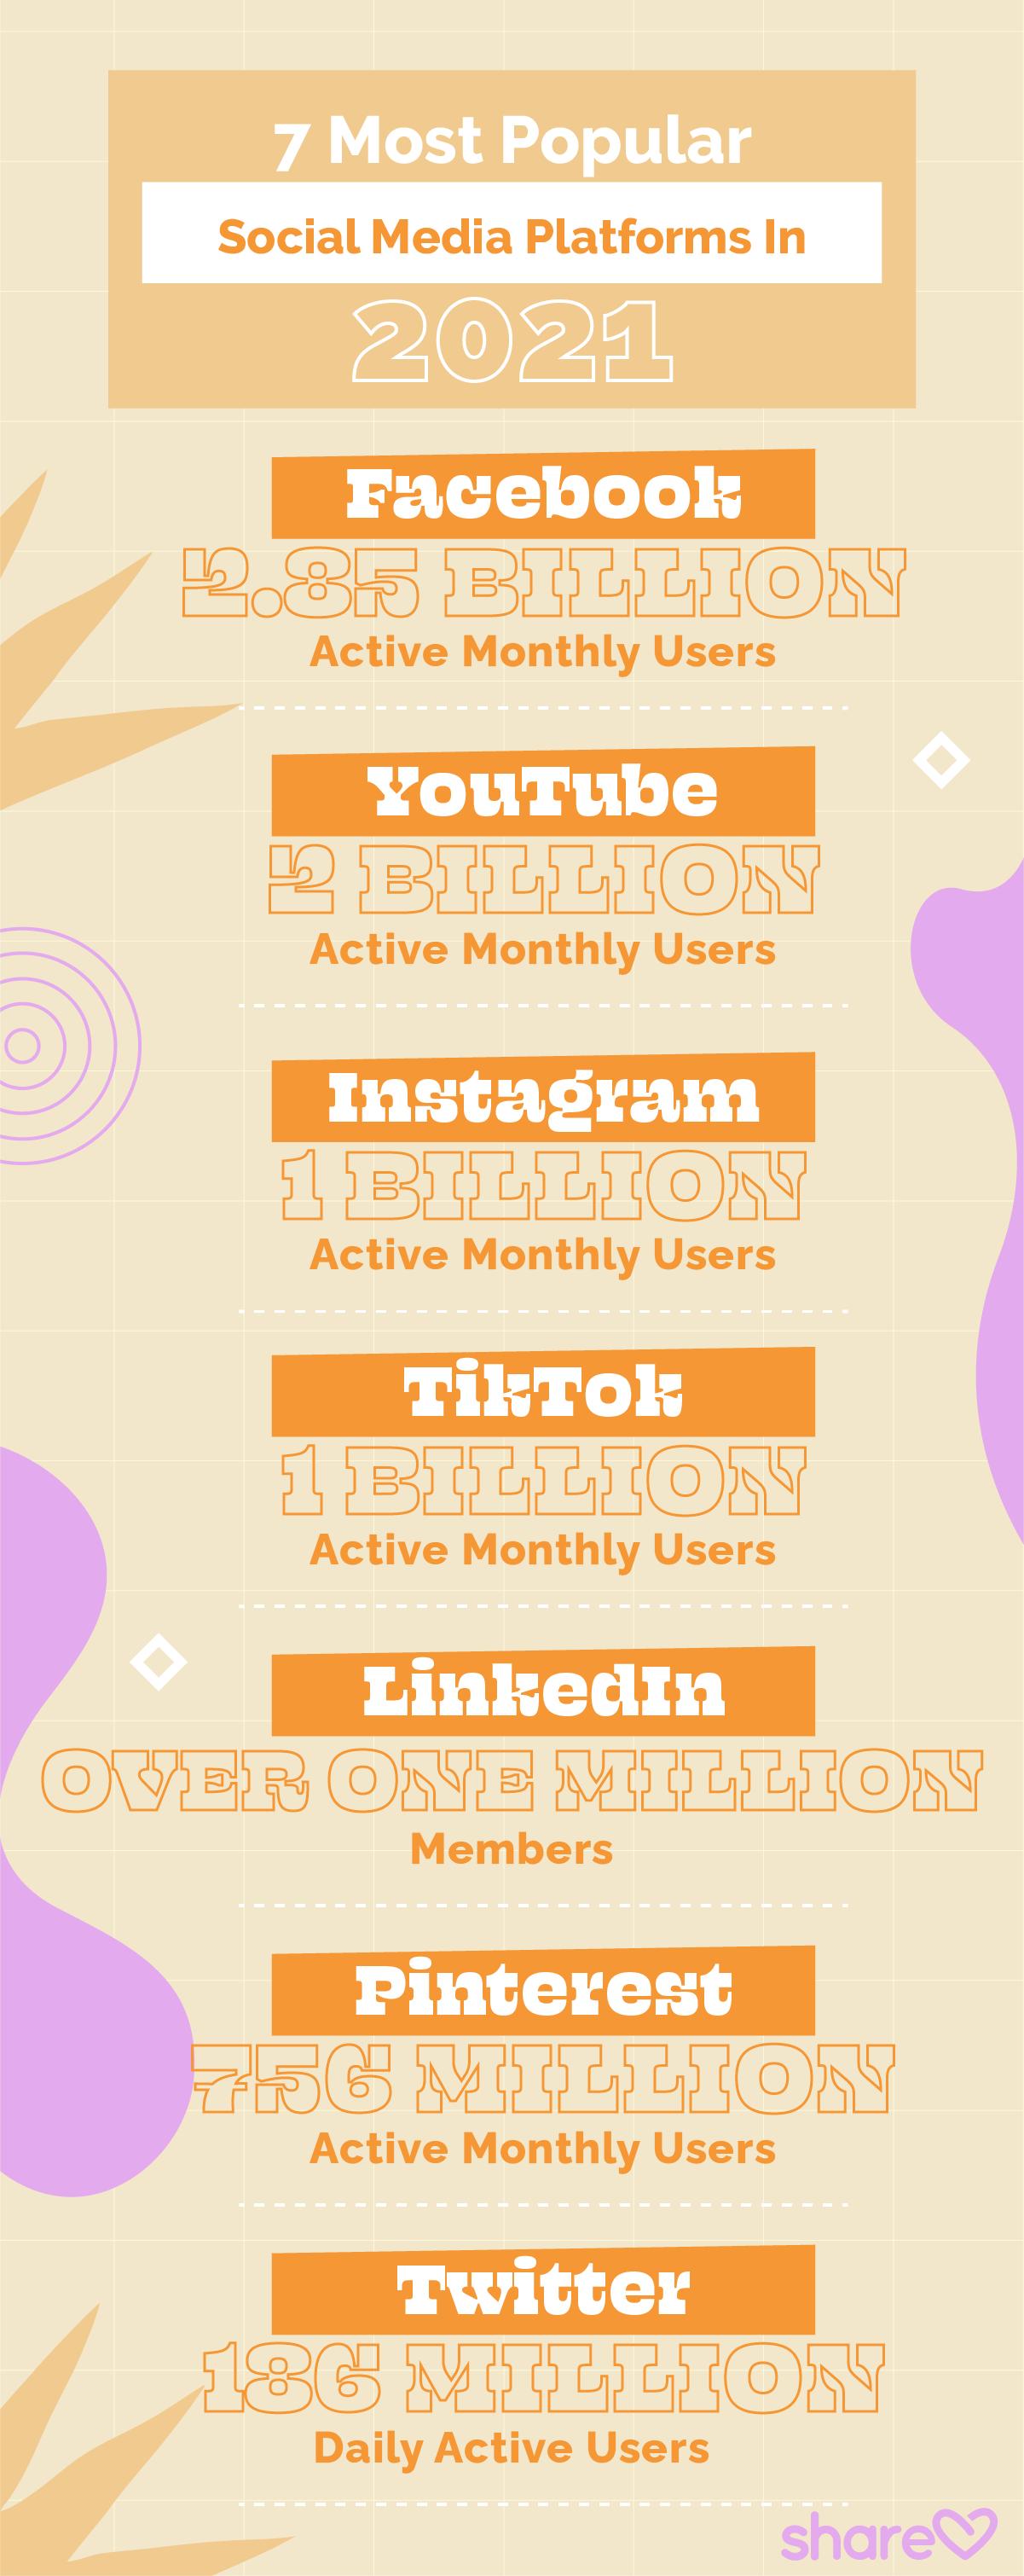 7 Most Popular Social Media Platforms In 2021